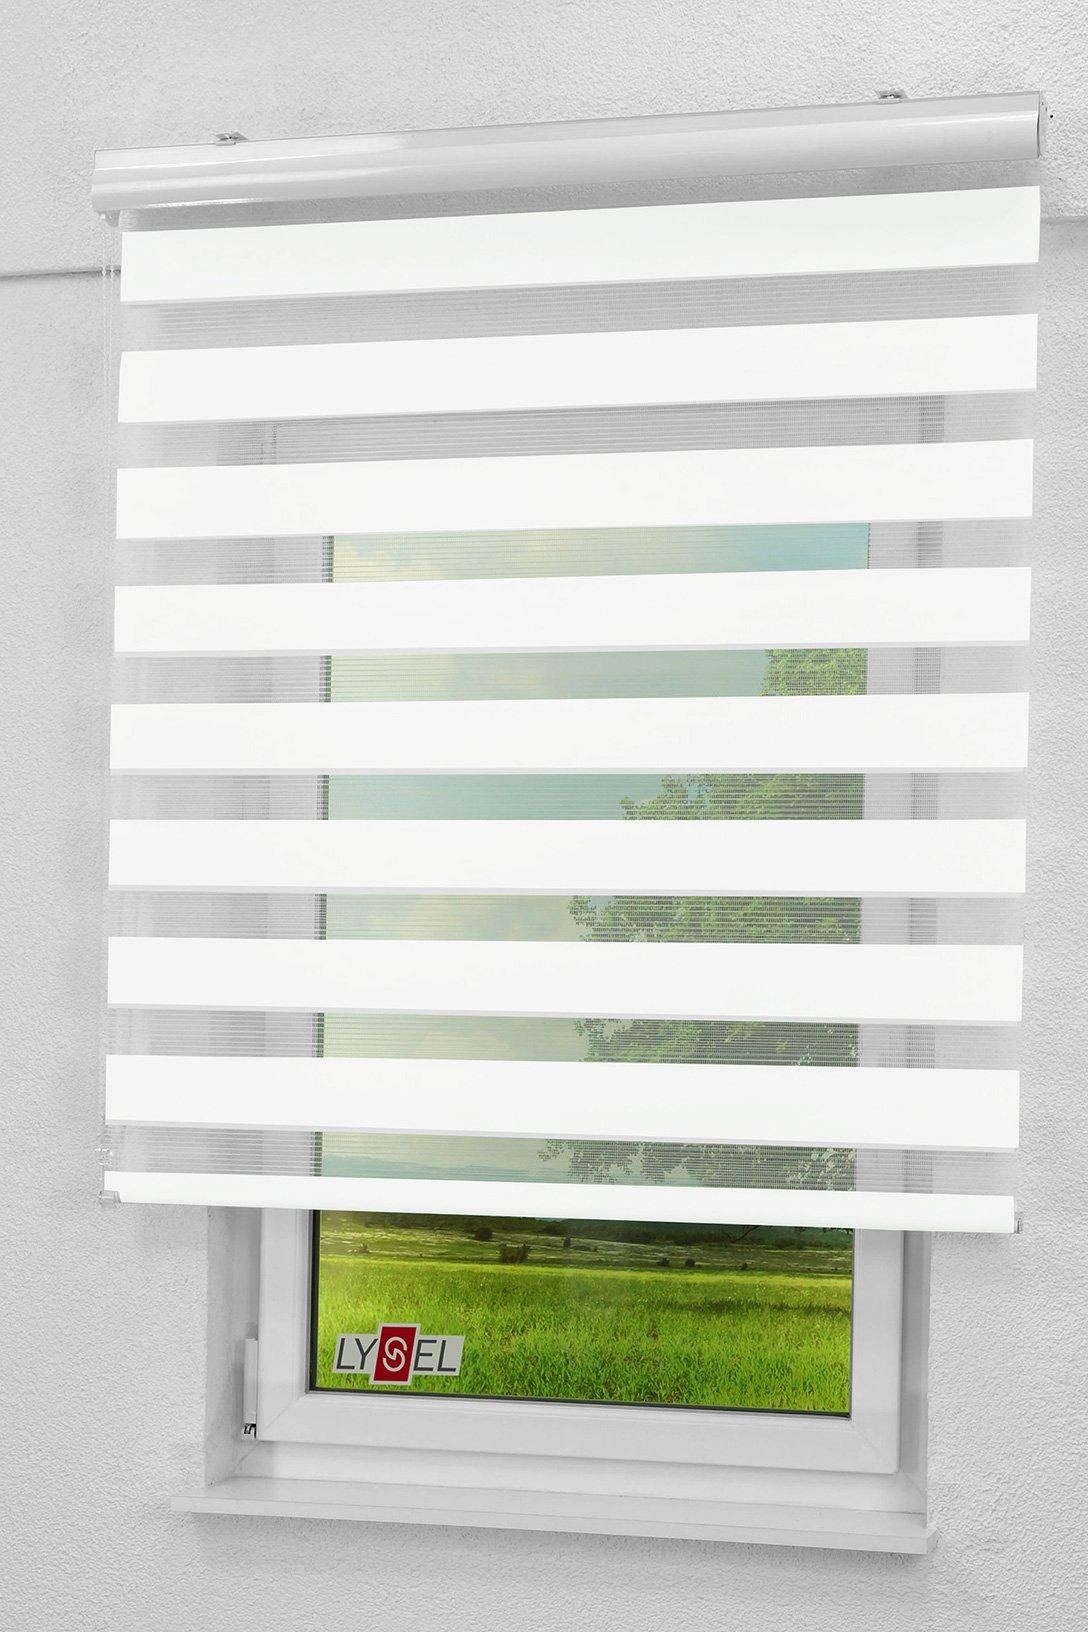 Full Size of Balkon Sichtschutz Bambus Ikea Bambusrollo Aussenbereich Sichtschutzfolien Für Fenster Küche Kosten Miniküche Sichtschutzfolie Einseitig Durchsichtig Kaufen Wohnzimmer Balkon Sichtschutz Bambus Ikea